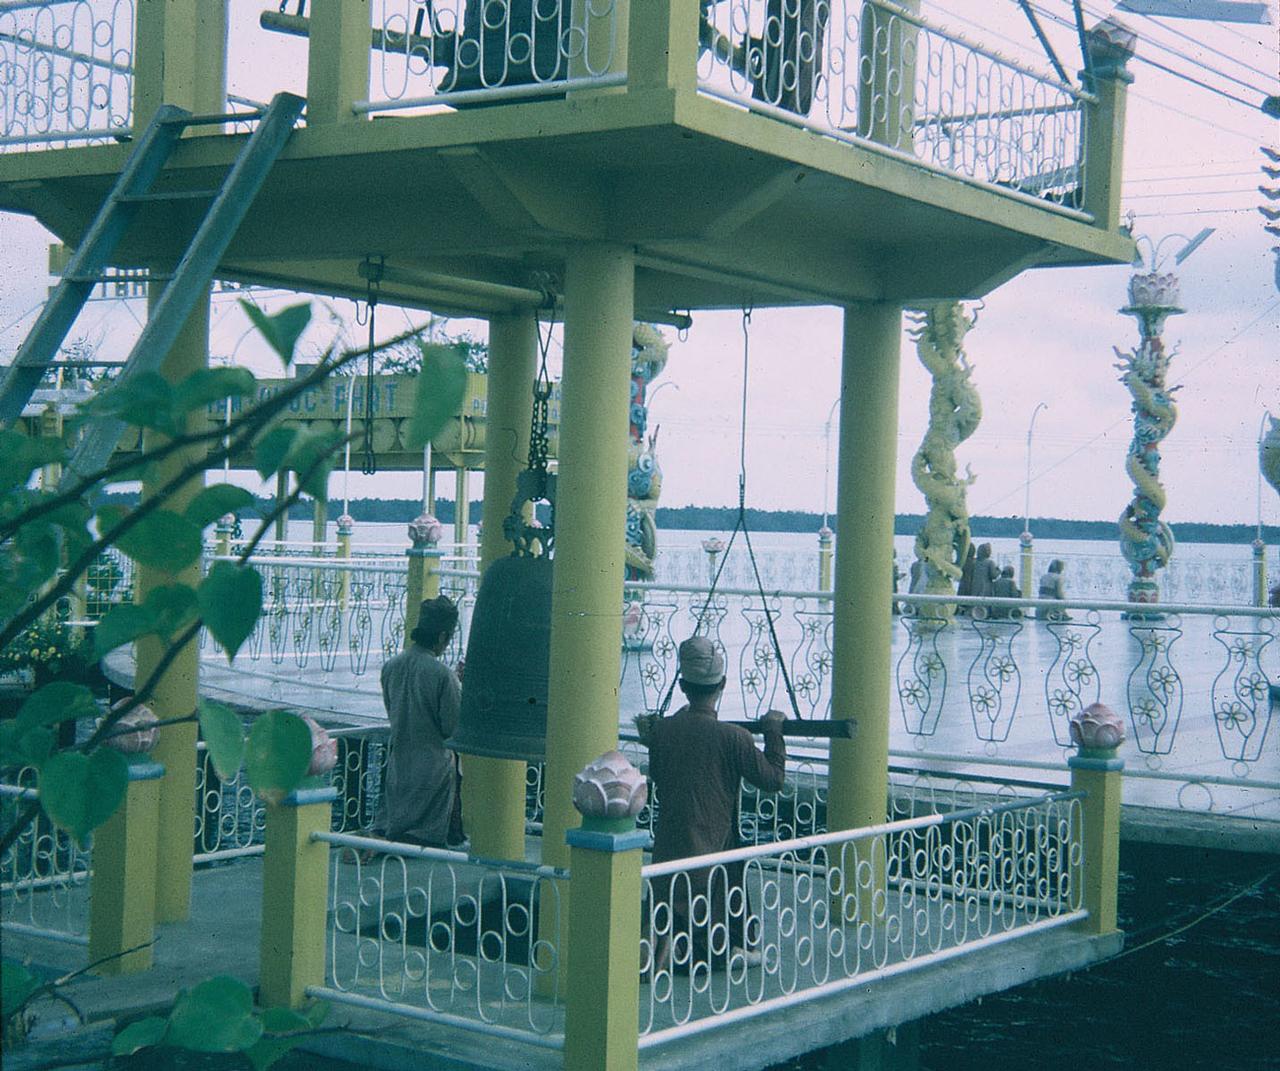 Chùa ông Đạo Dừa (Nam Quốc) Bến Tre năm 1969 - 1970 - Photo by Bob Lee